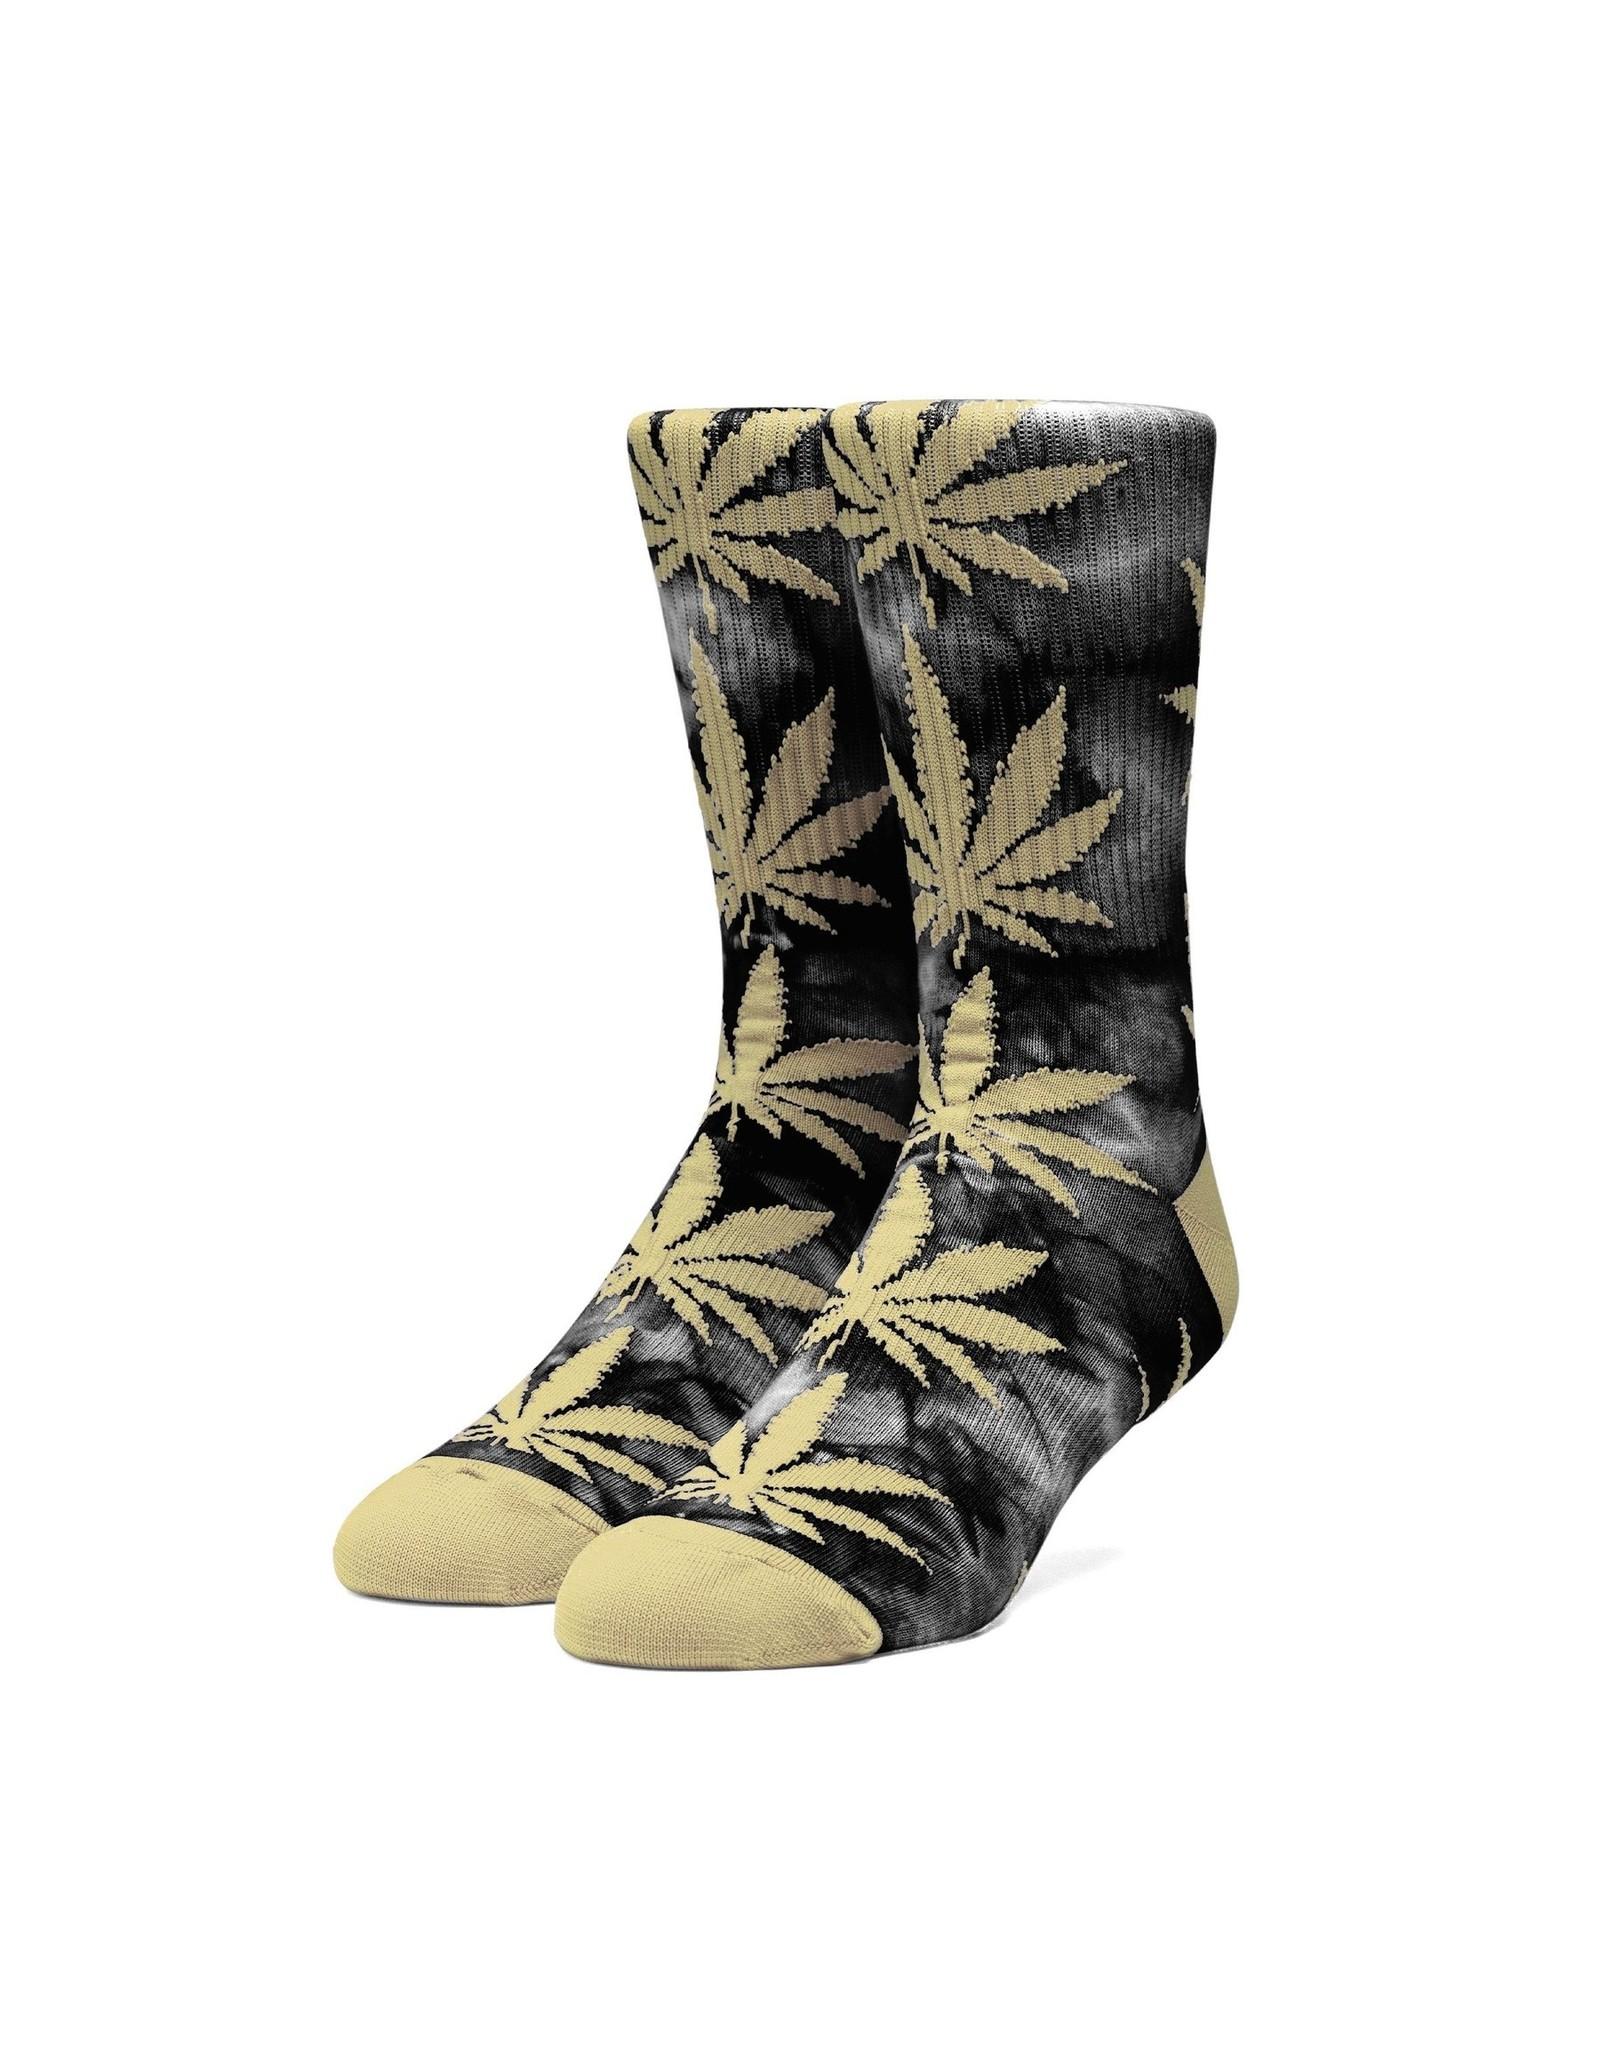 HUF Huf Plantlife Tiedye Socks - Black